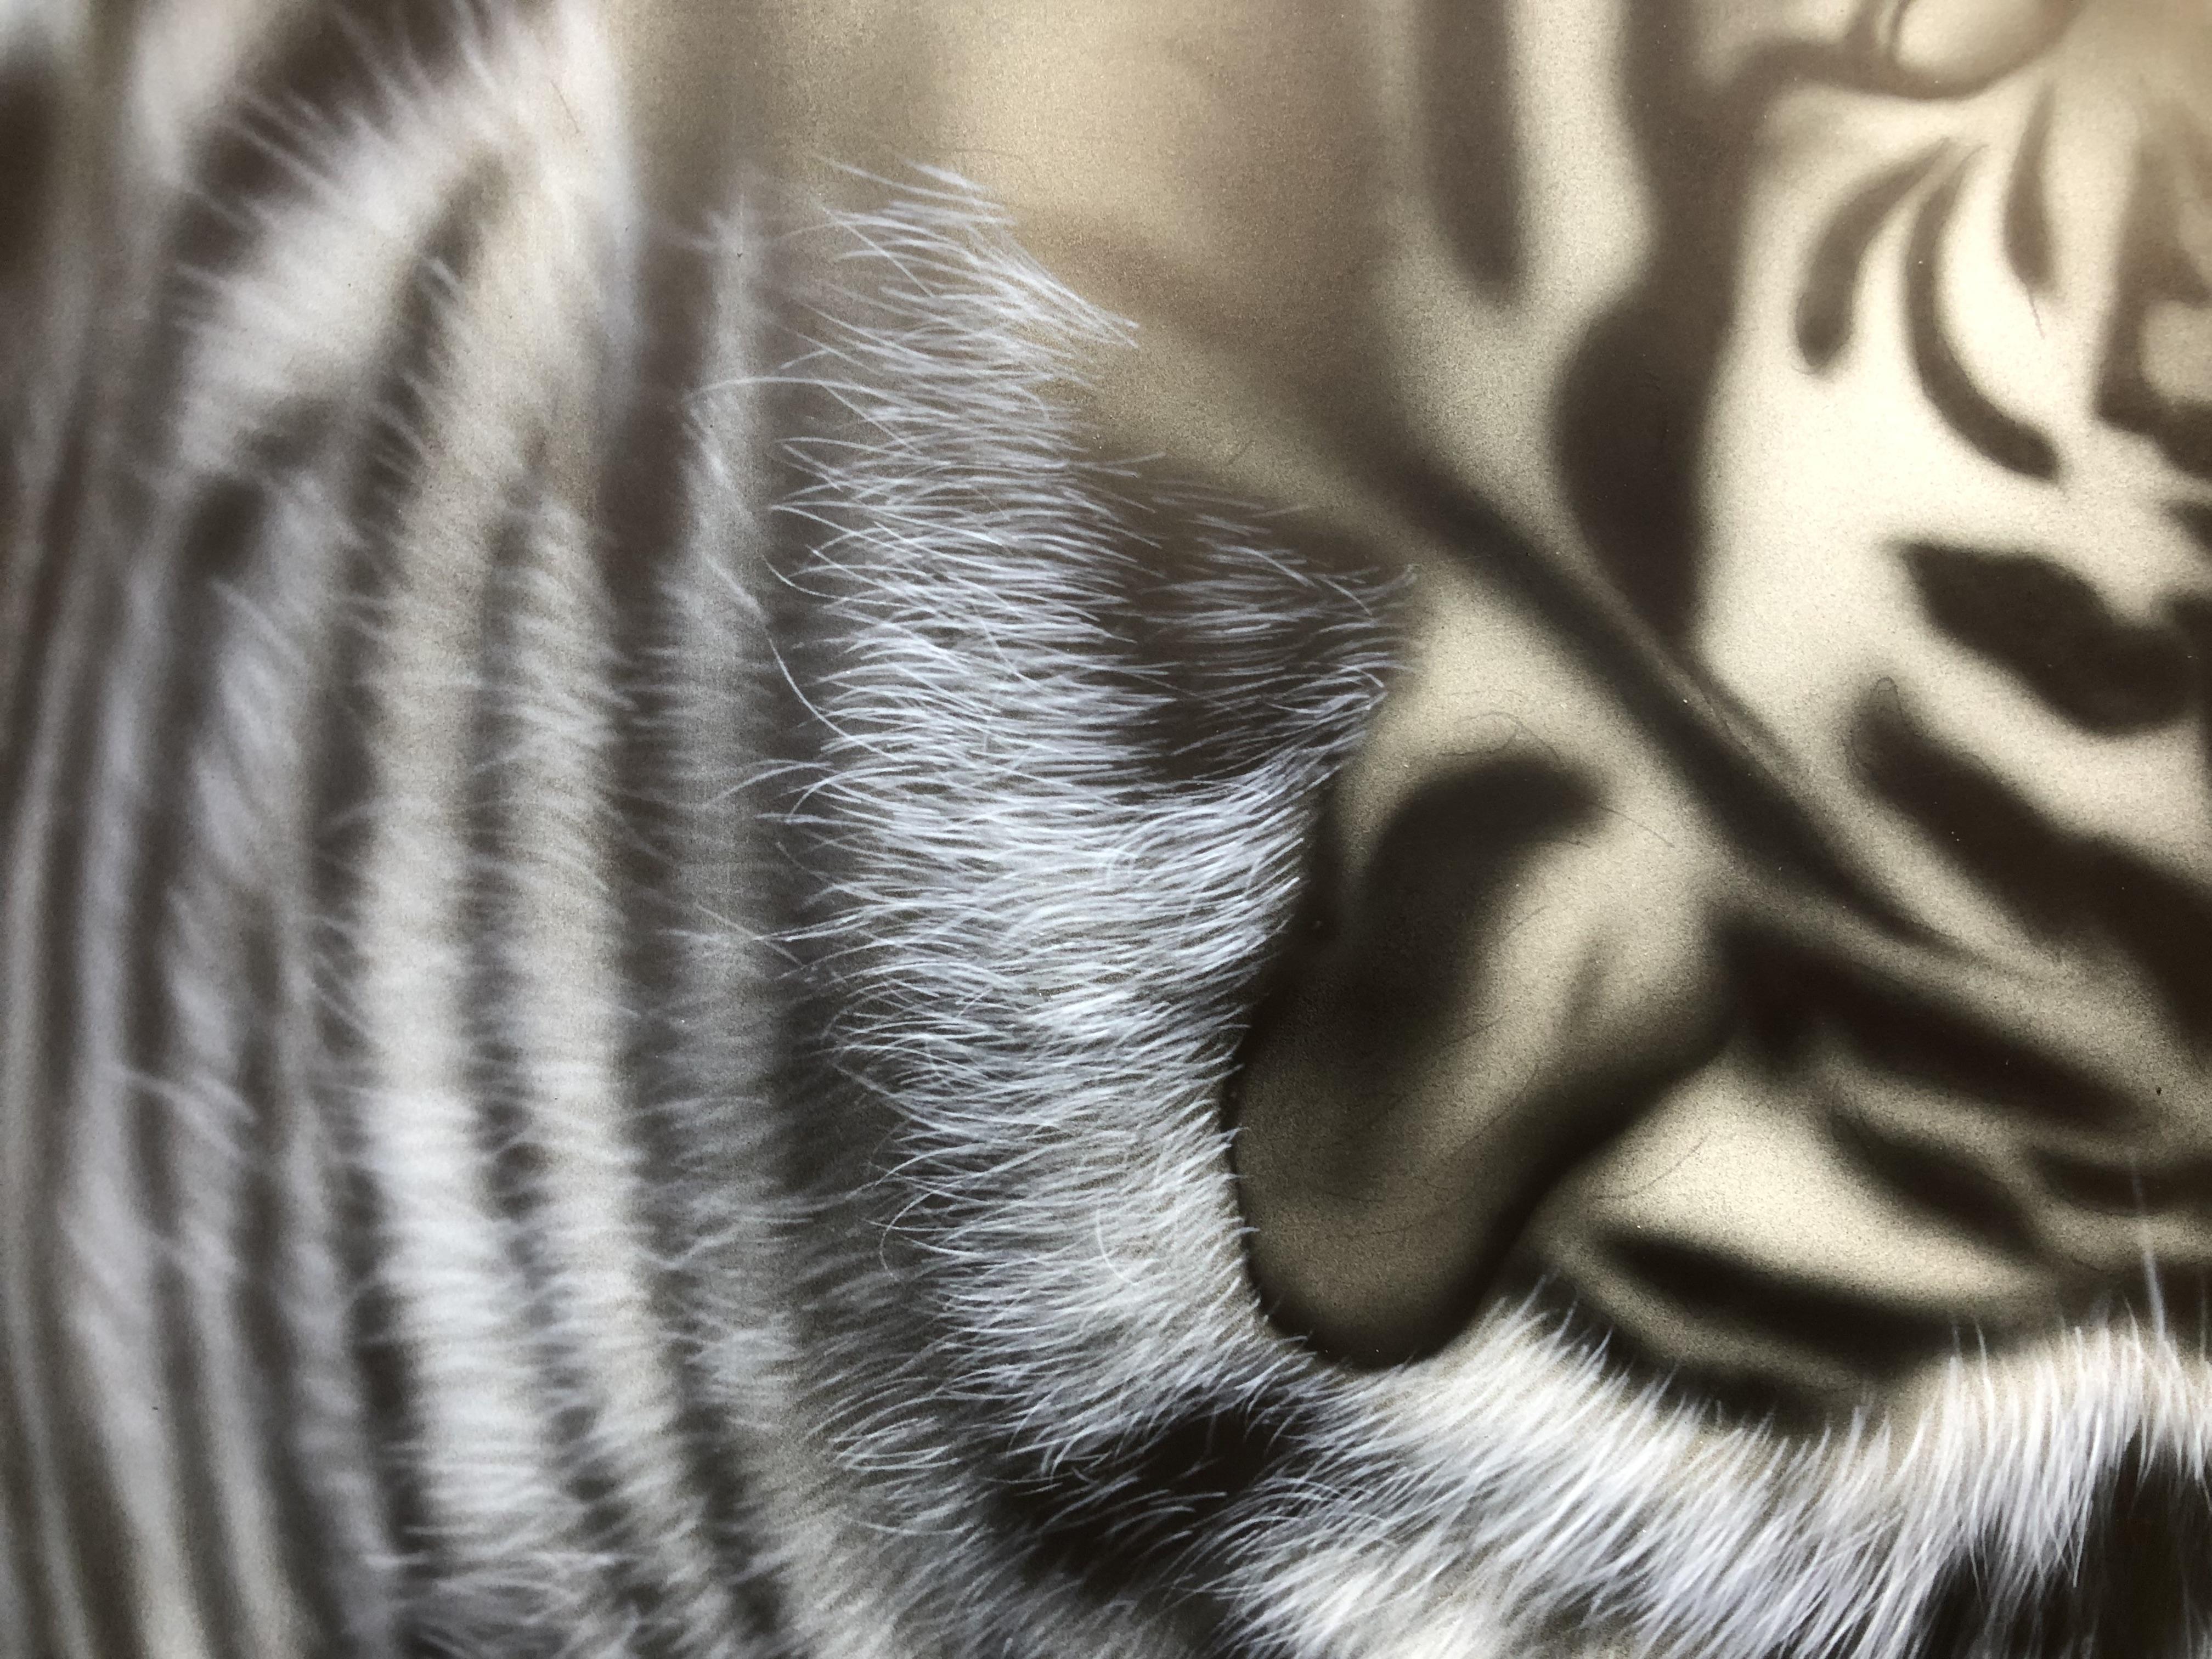 エアブラシアート動物画編、動物の毛の描き方